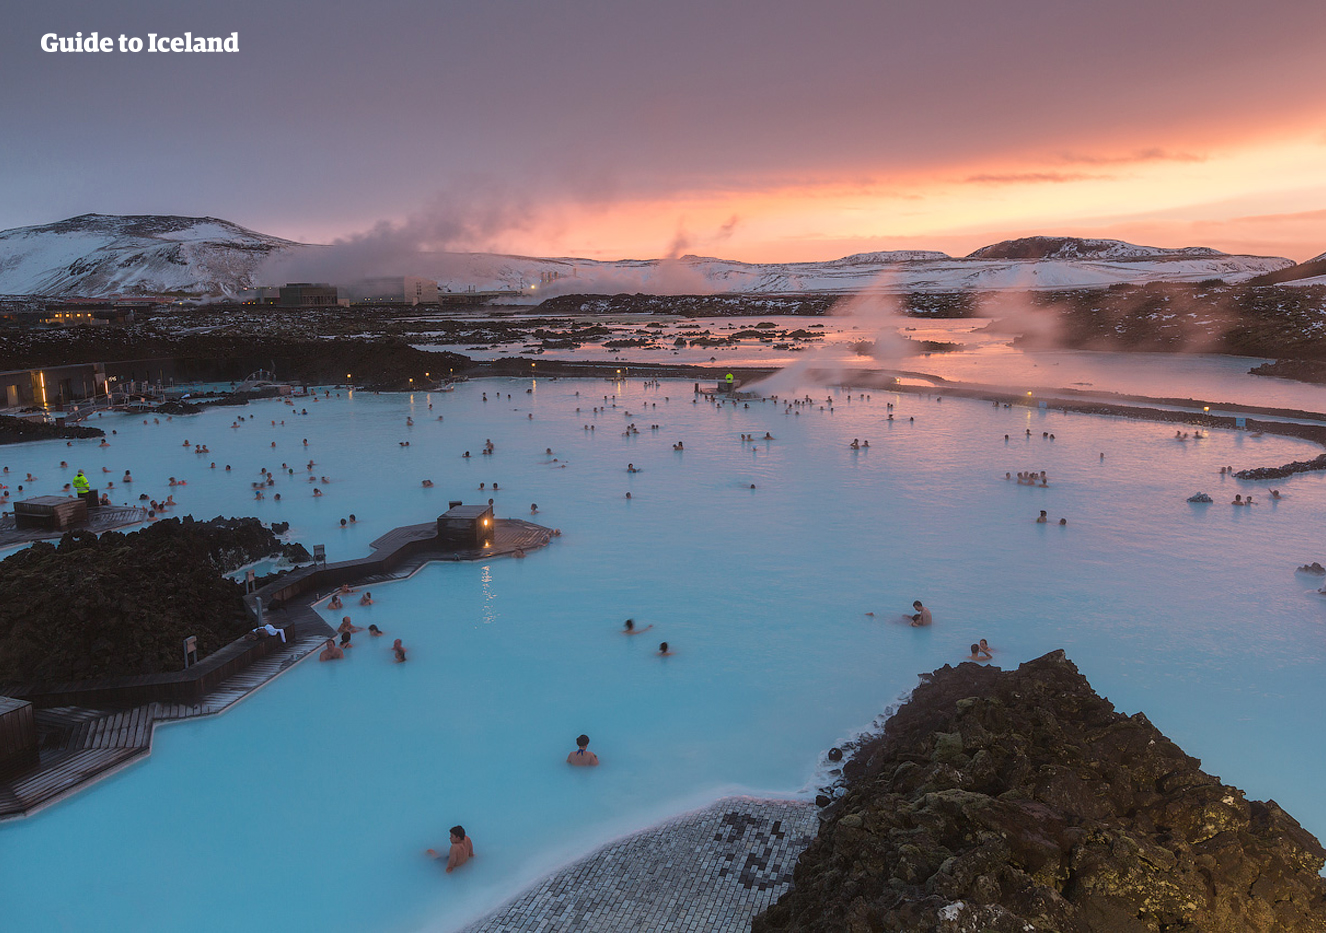 레이캬네스 반도의 용암지대에 자리잡은 블루라군에서 아이슬란드의 여행을 시작해 보세요!